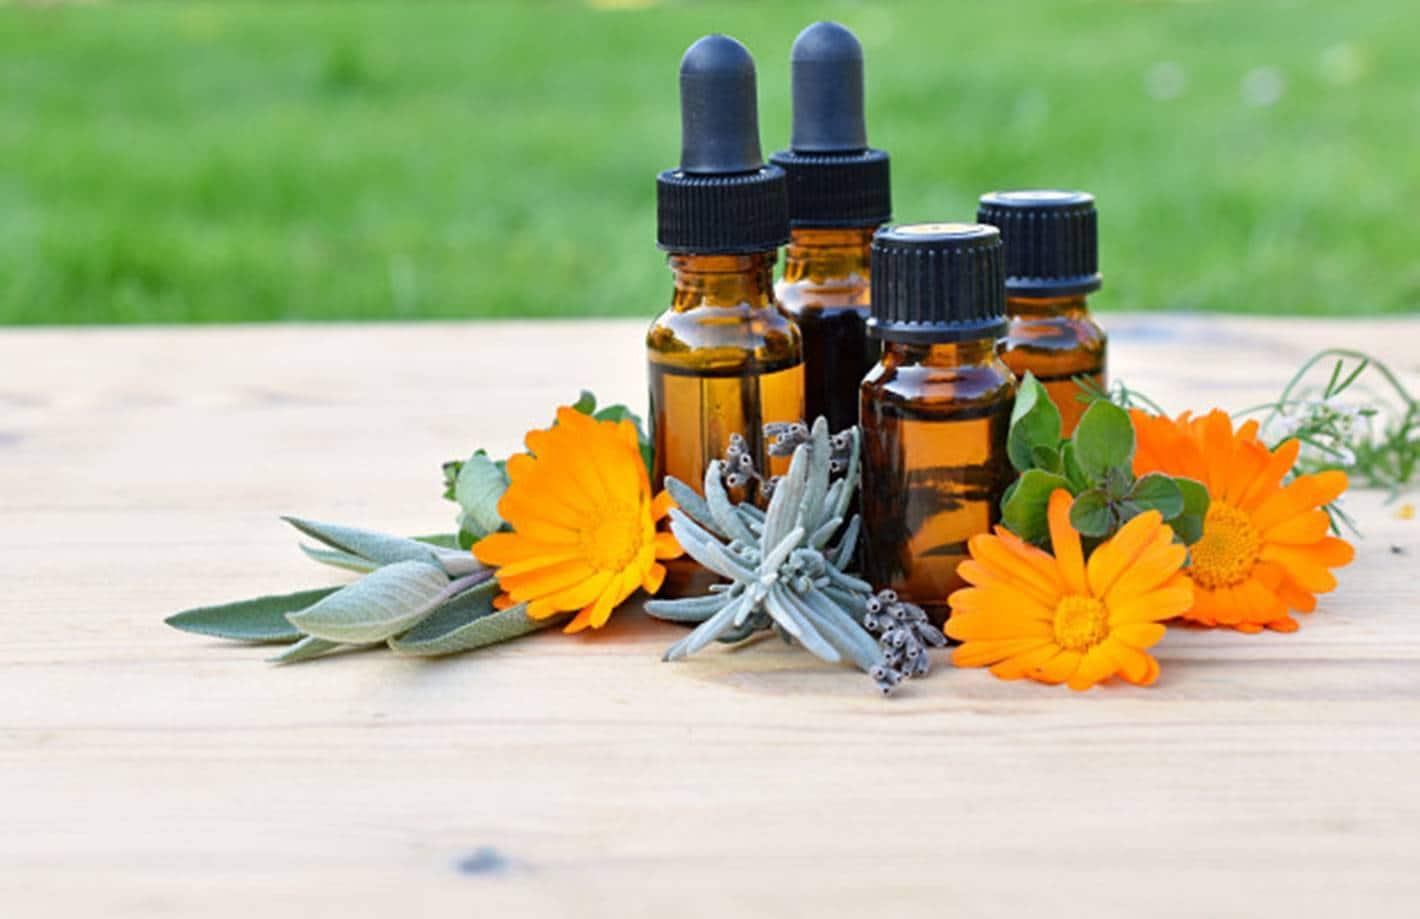 7 óleos essenciais que vão melhorar seu humor todos os dias da semana